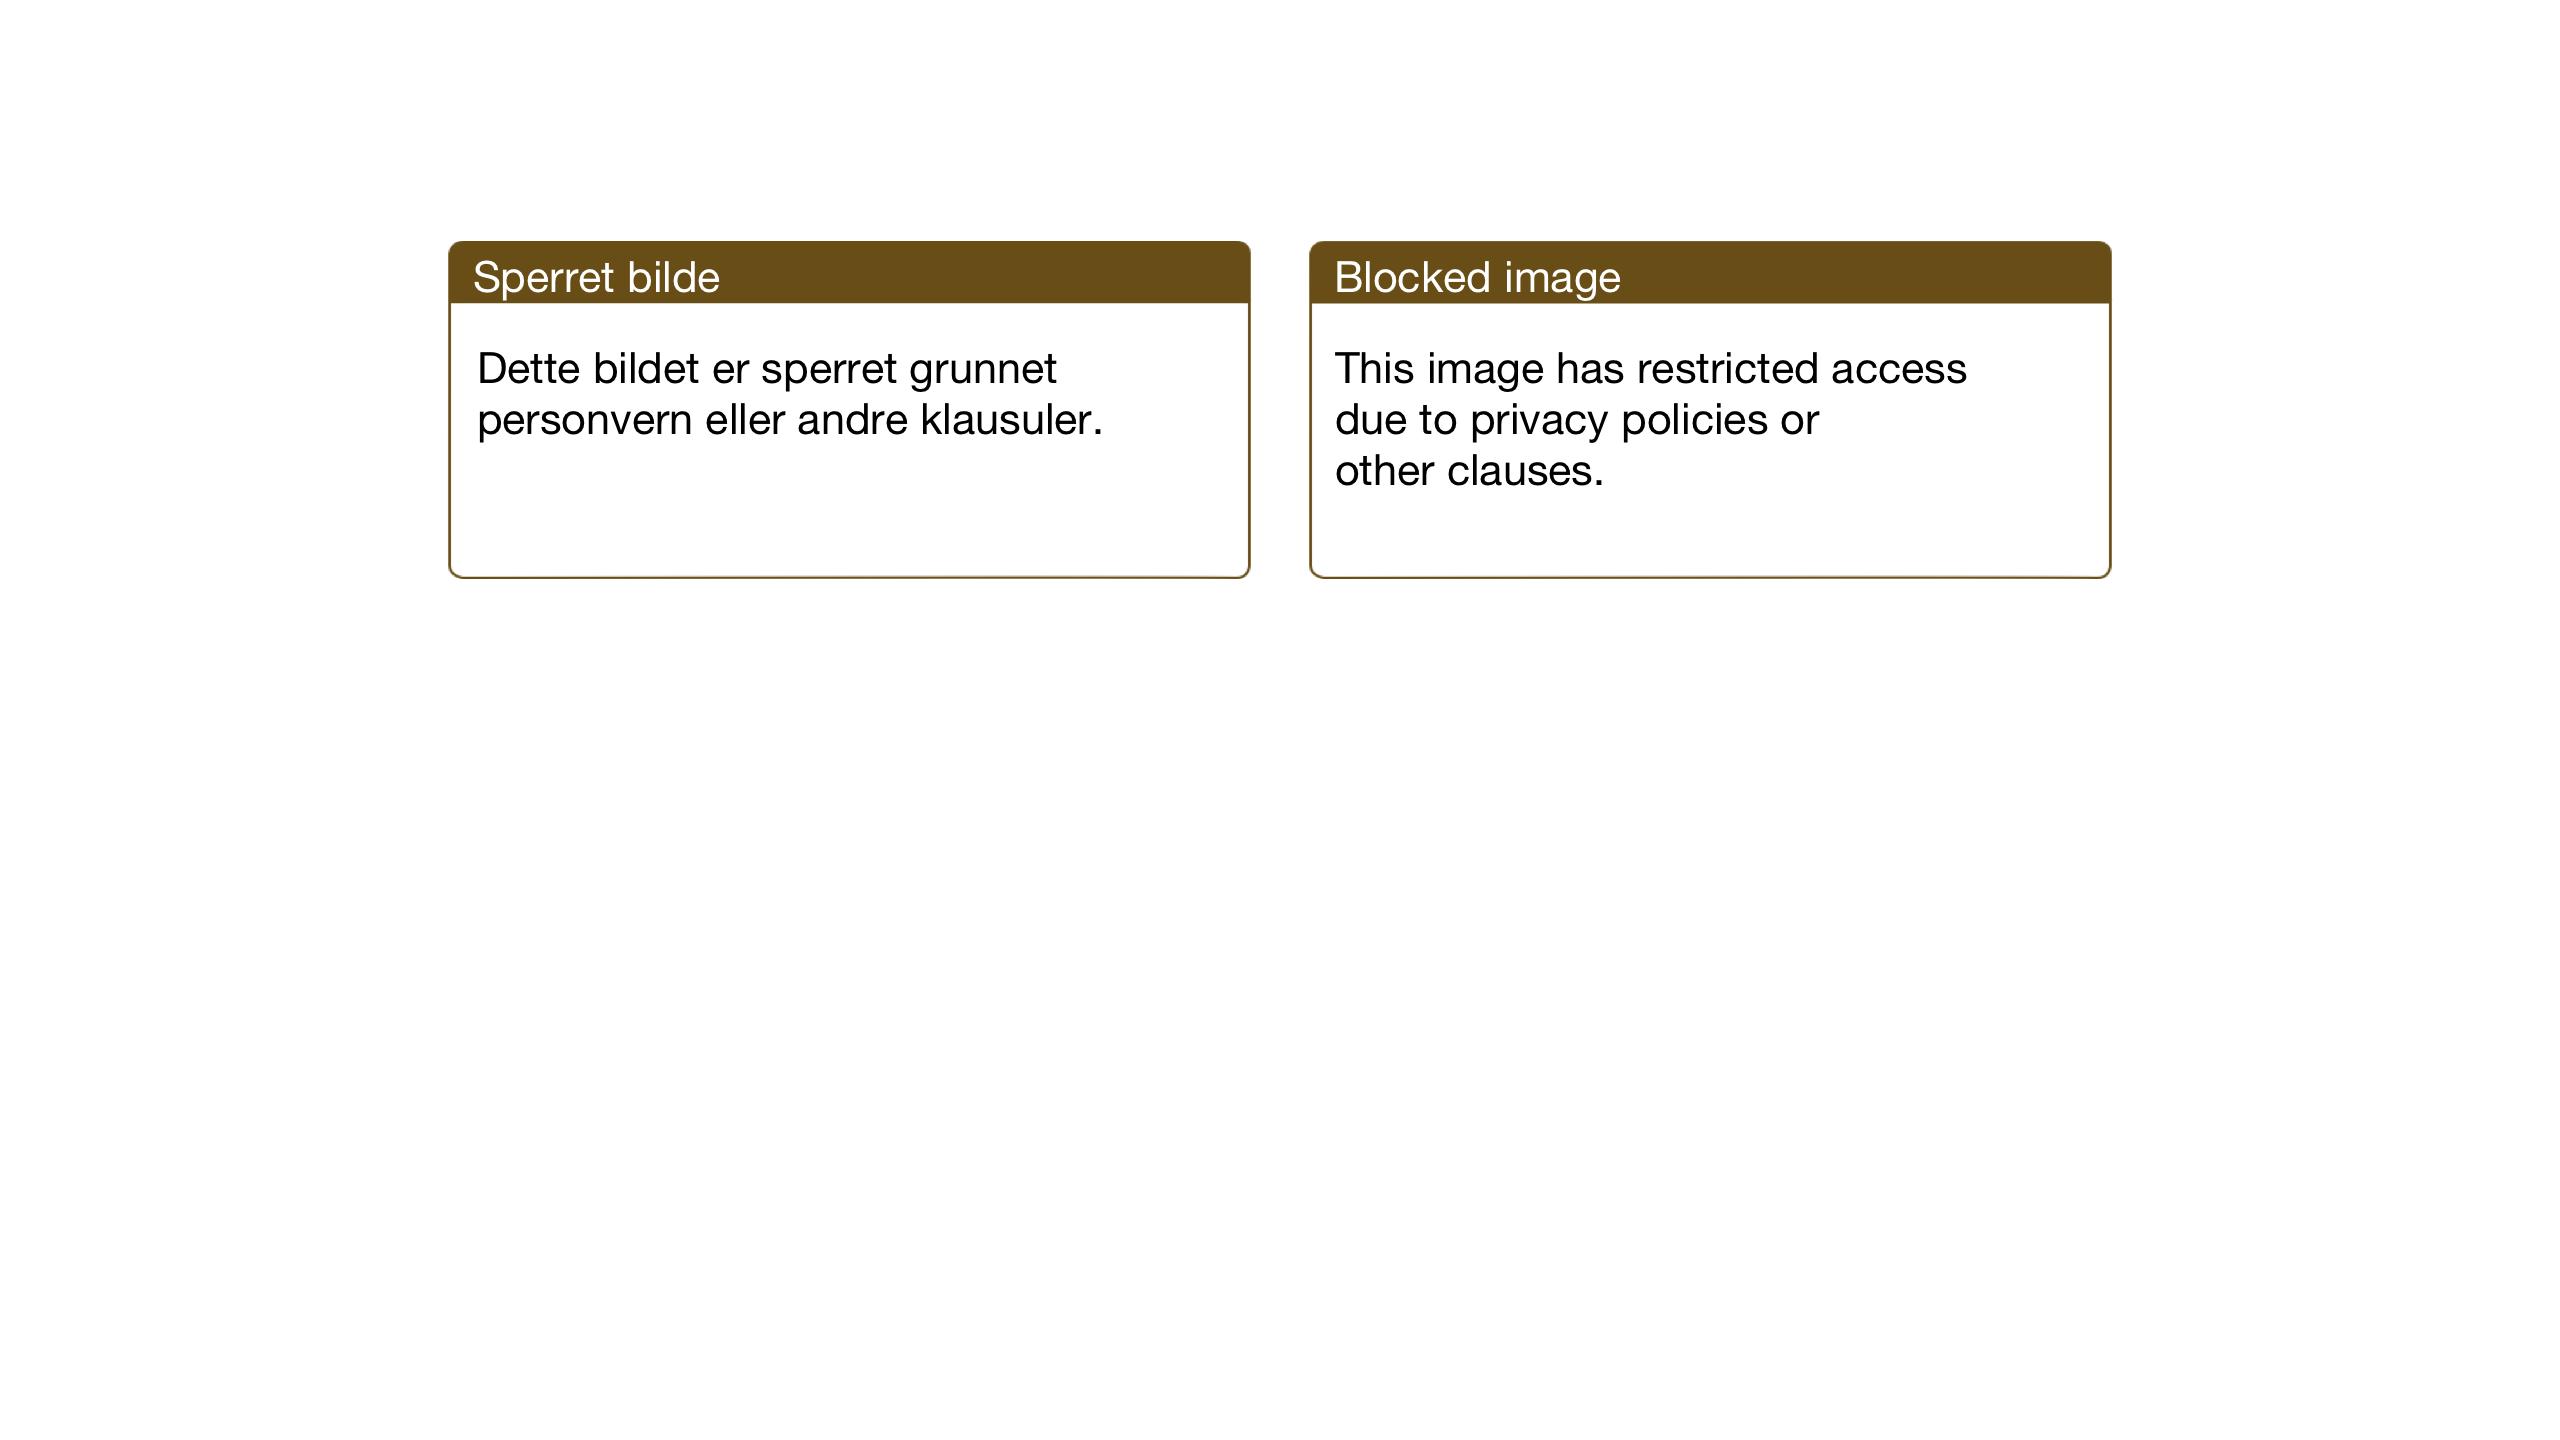 SAT, Ministerialprotokoller, klokkerbøker og fødselsregistre - Nord-Trøndelag, 720/L0193: Klokkerbok nr. 720C02, 1918-1941, s. 41